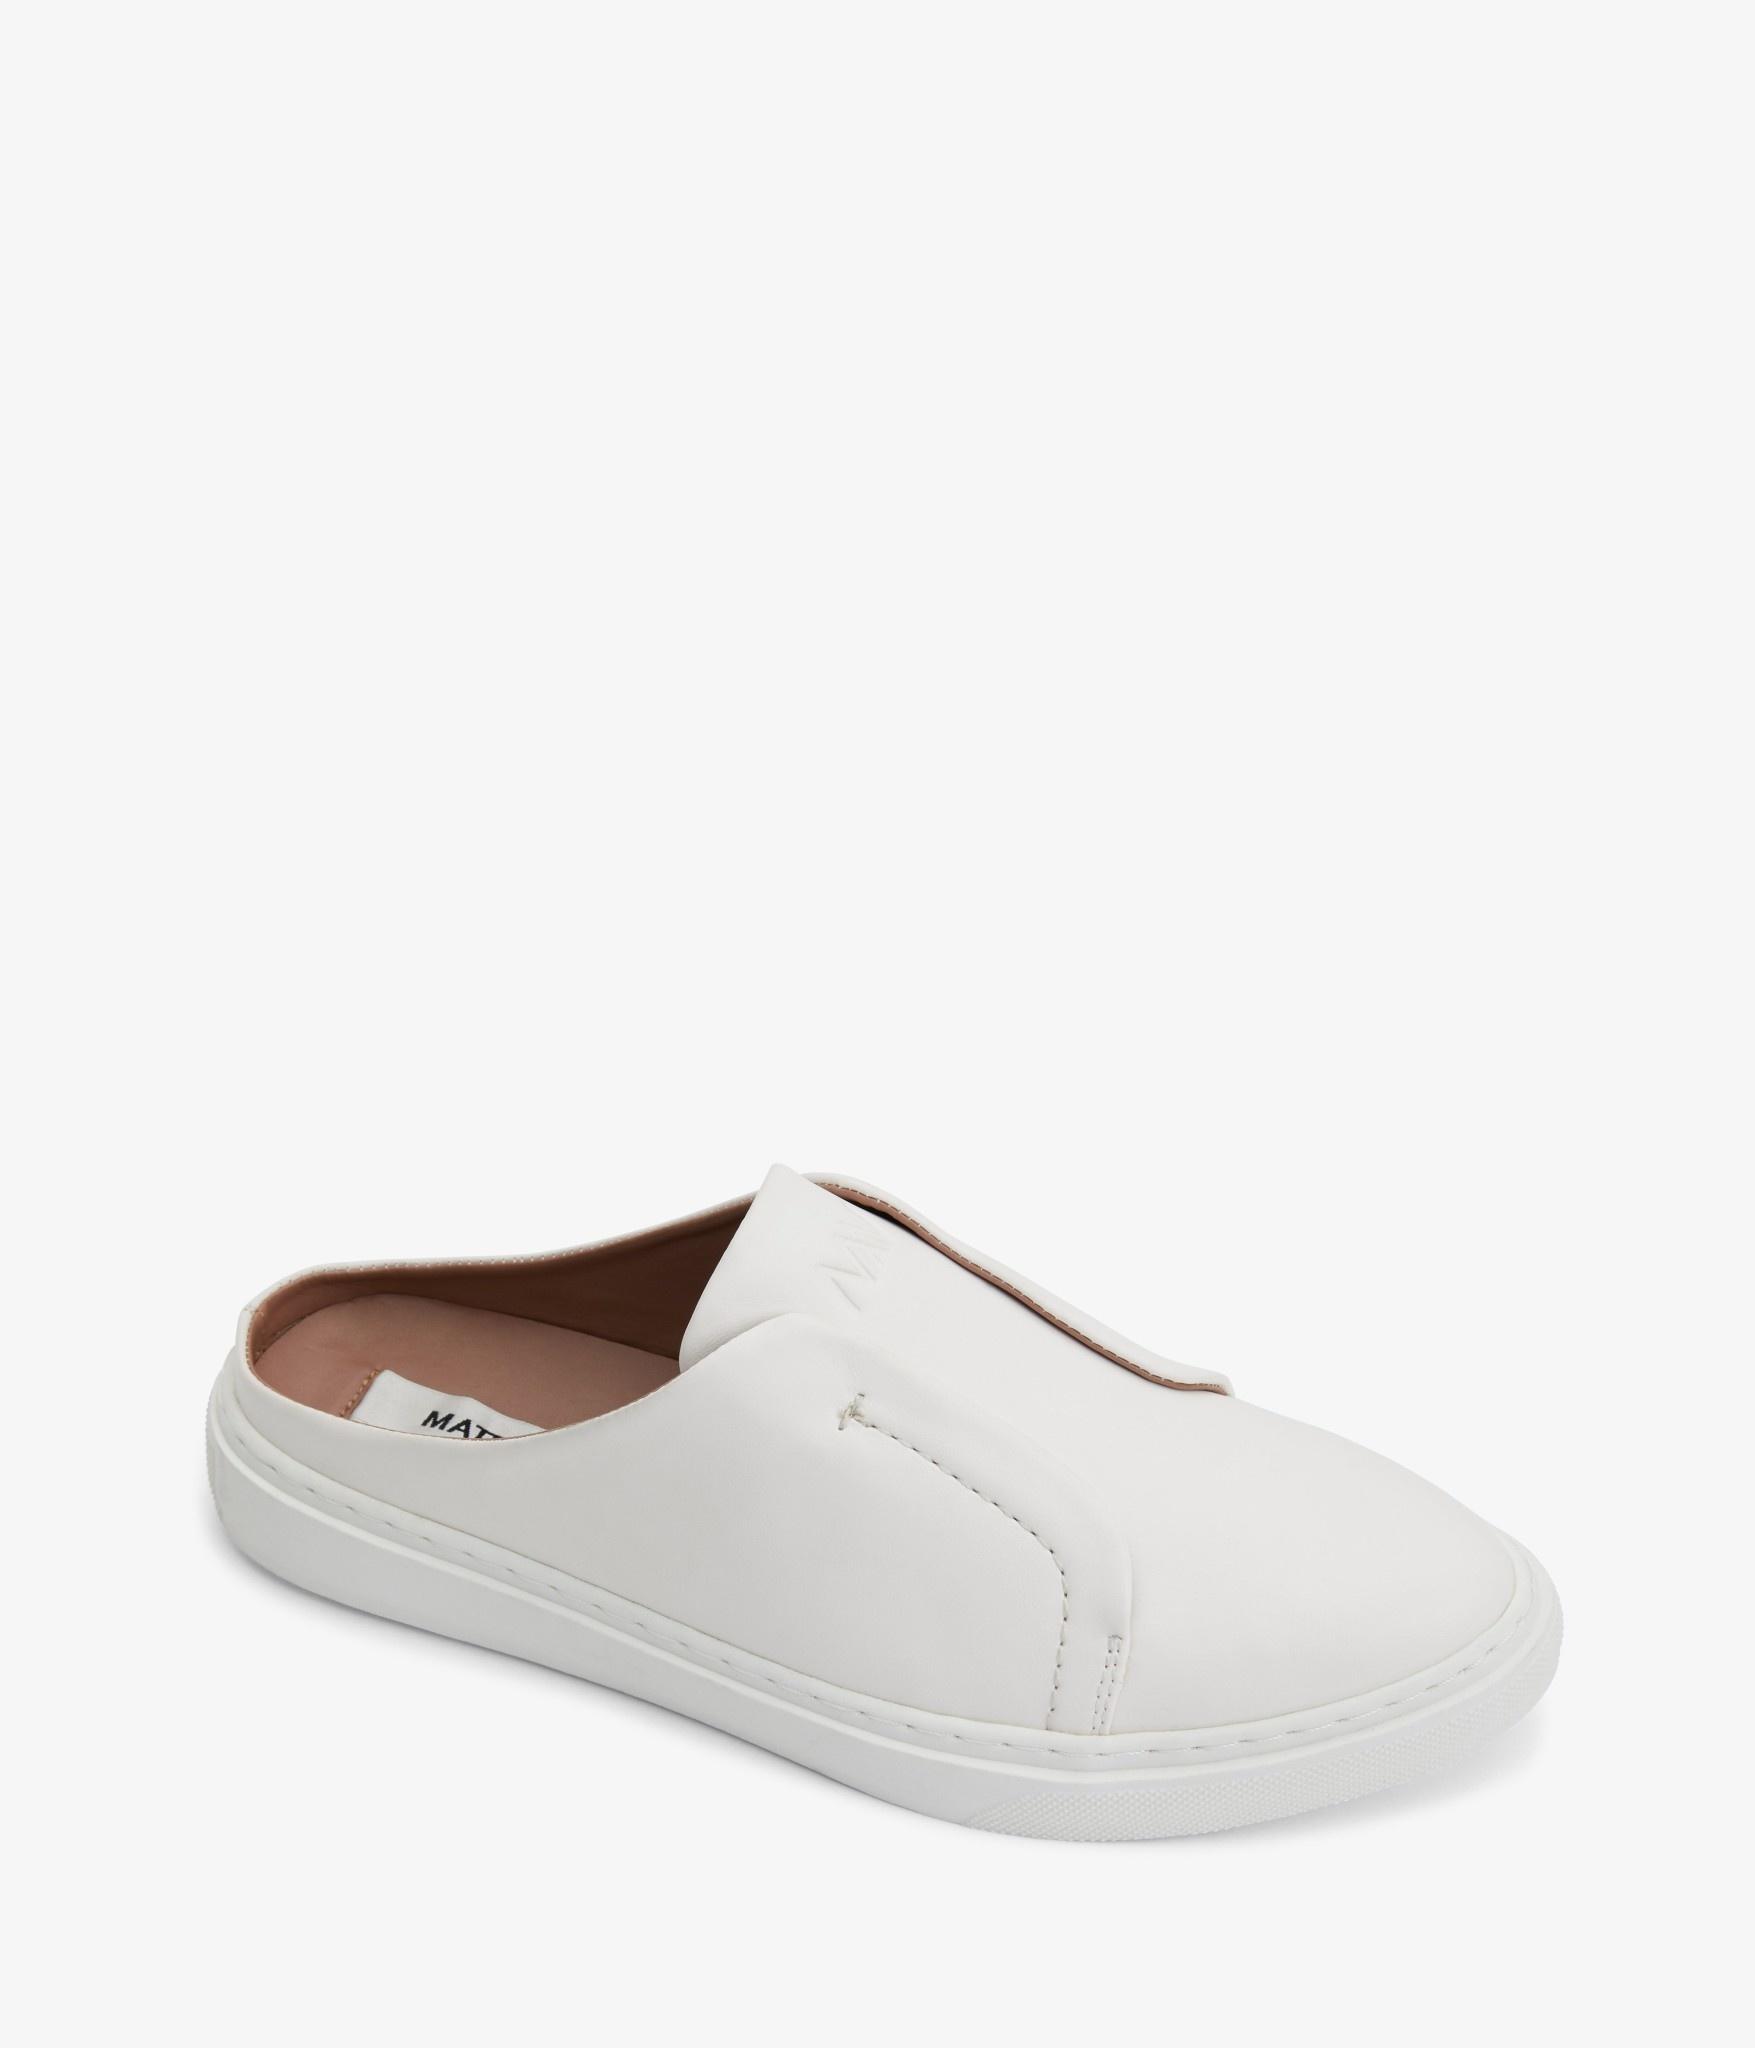 Matt & Nat Matt & Nat Elma Shoes